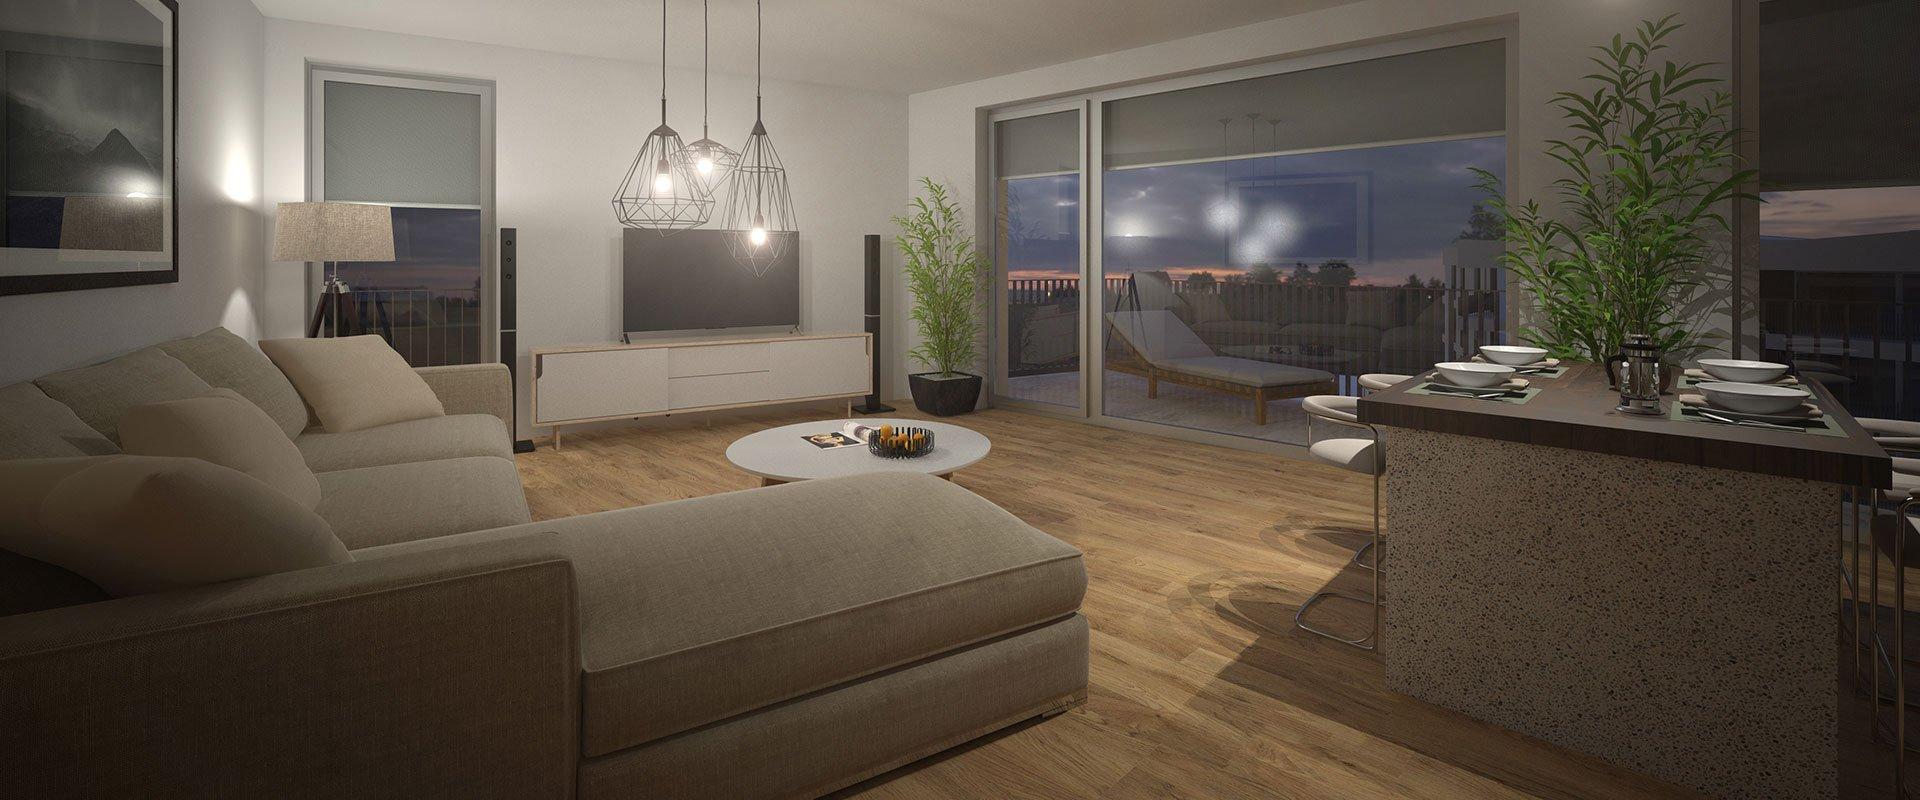 """WG """"EINHEIT"""" Visualisierung Wohnzimmer bei Nacht"""